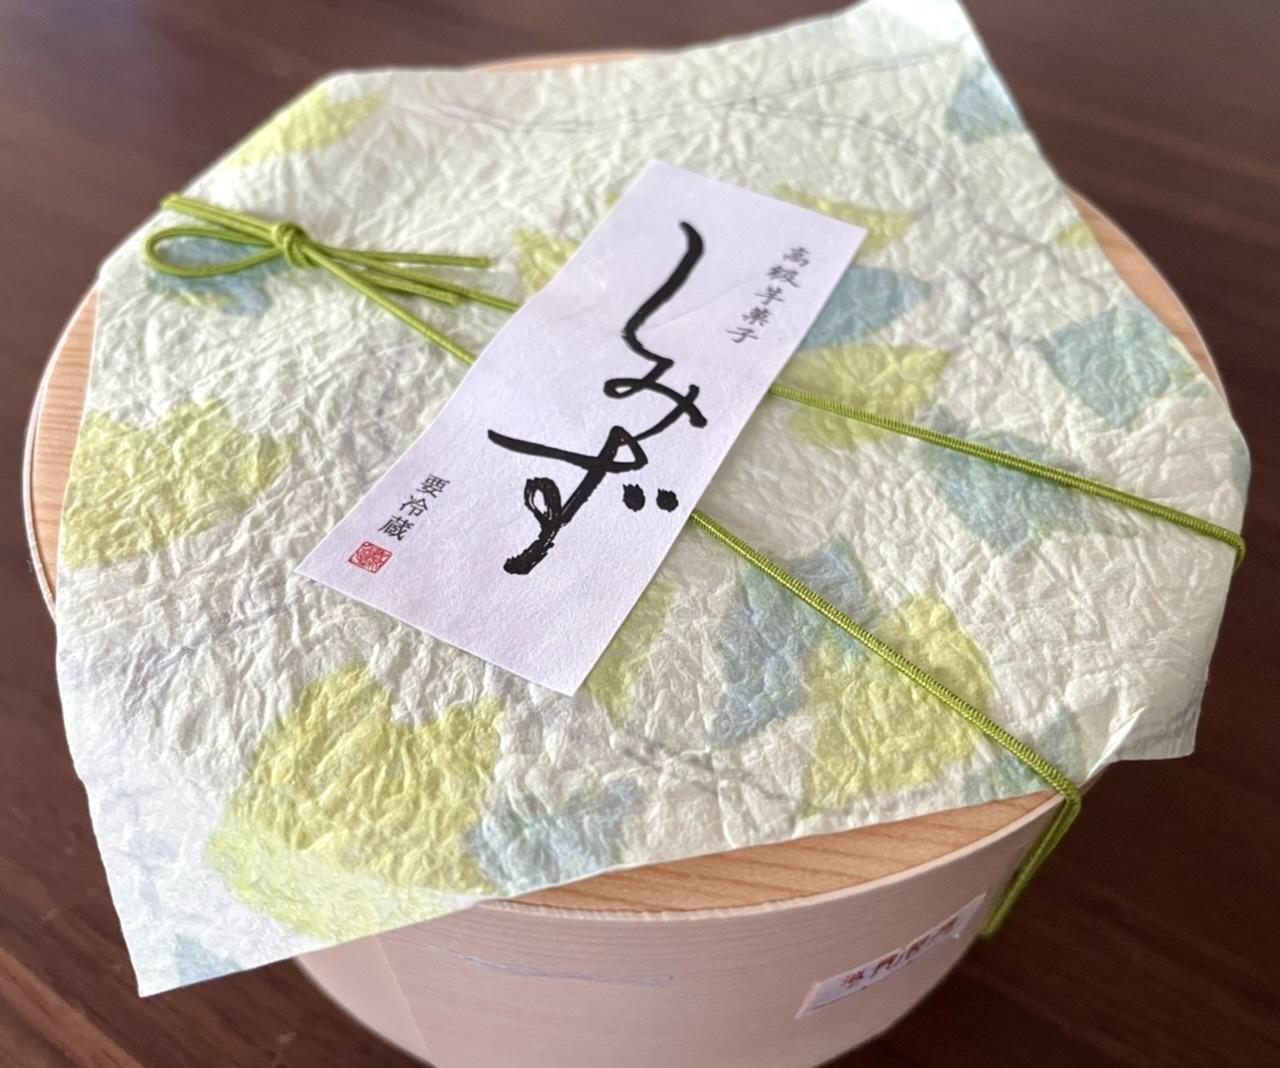 【高級芋菓子 しみず】和スイートポテトと安納芋ぷりん食べ比べ❤︎_8